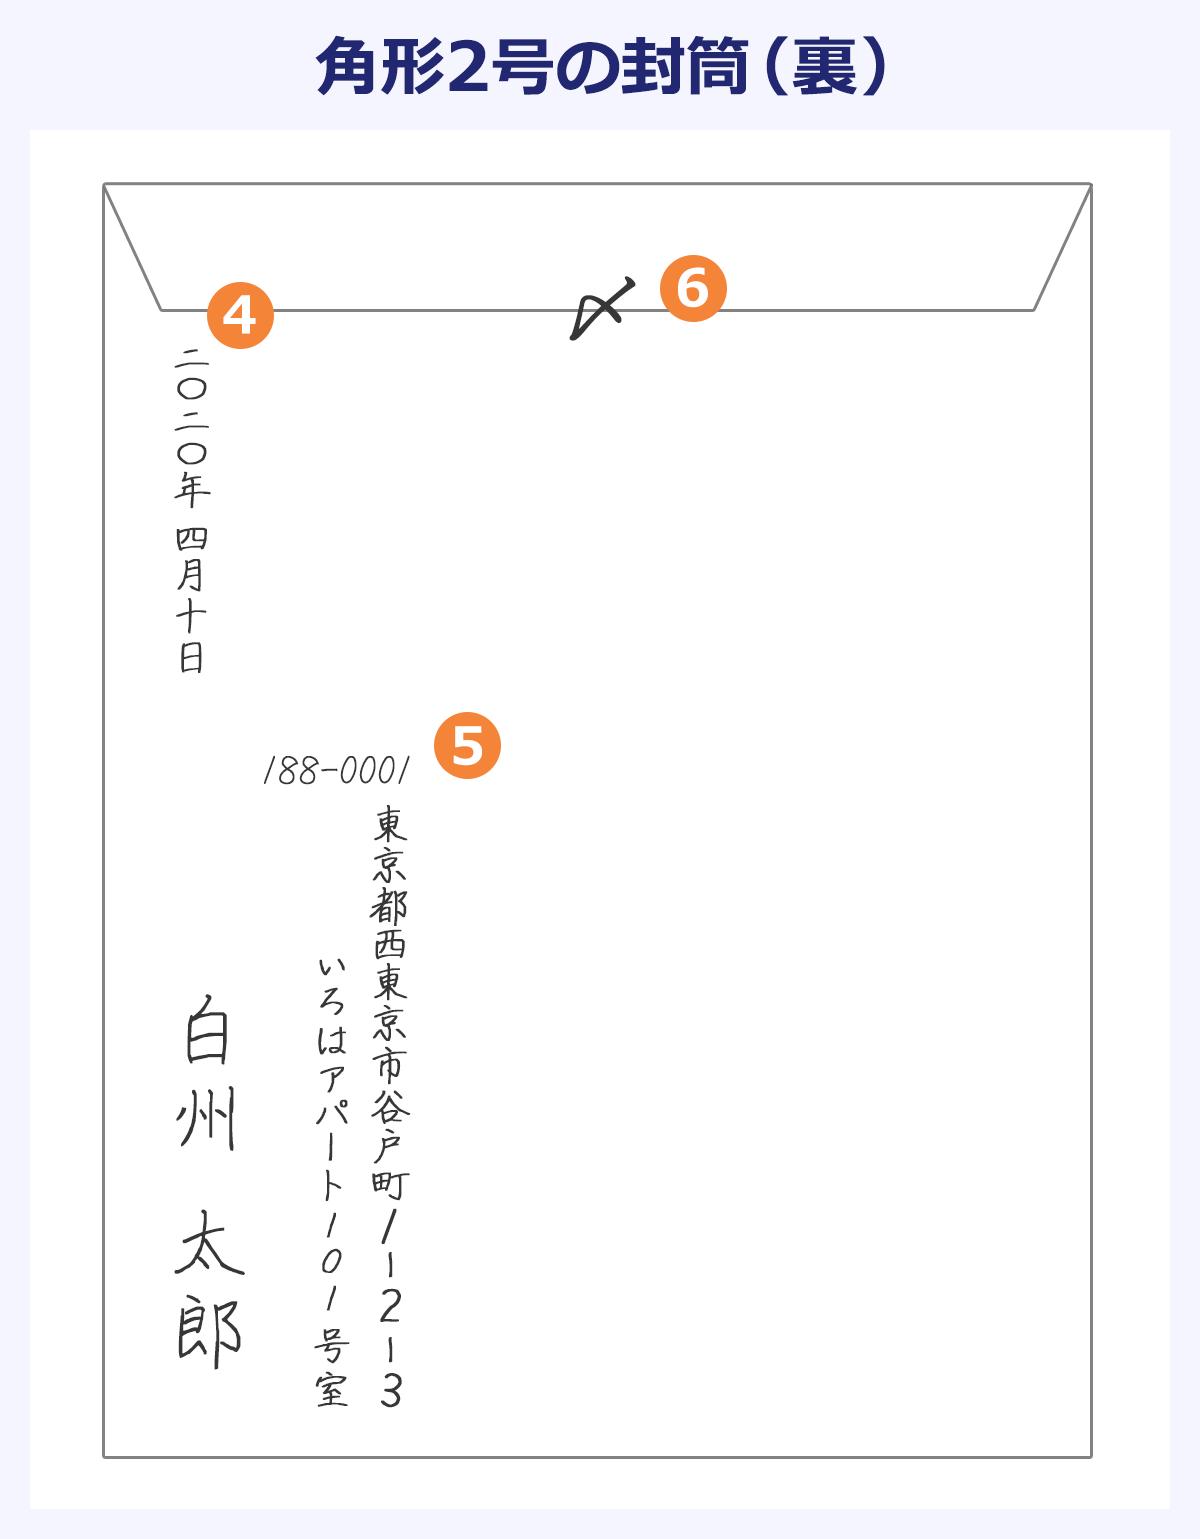 角形2号の封筒(表)の画像